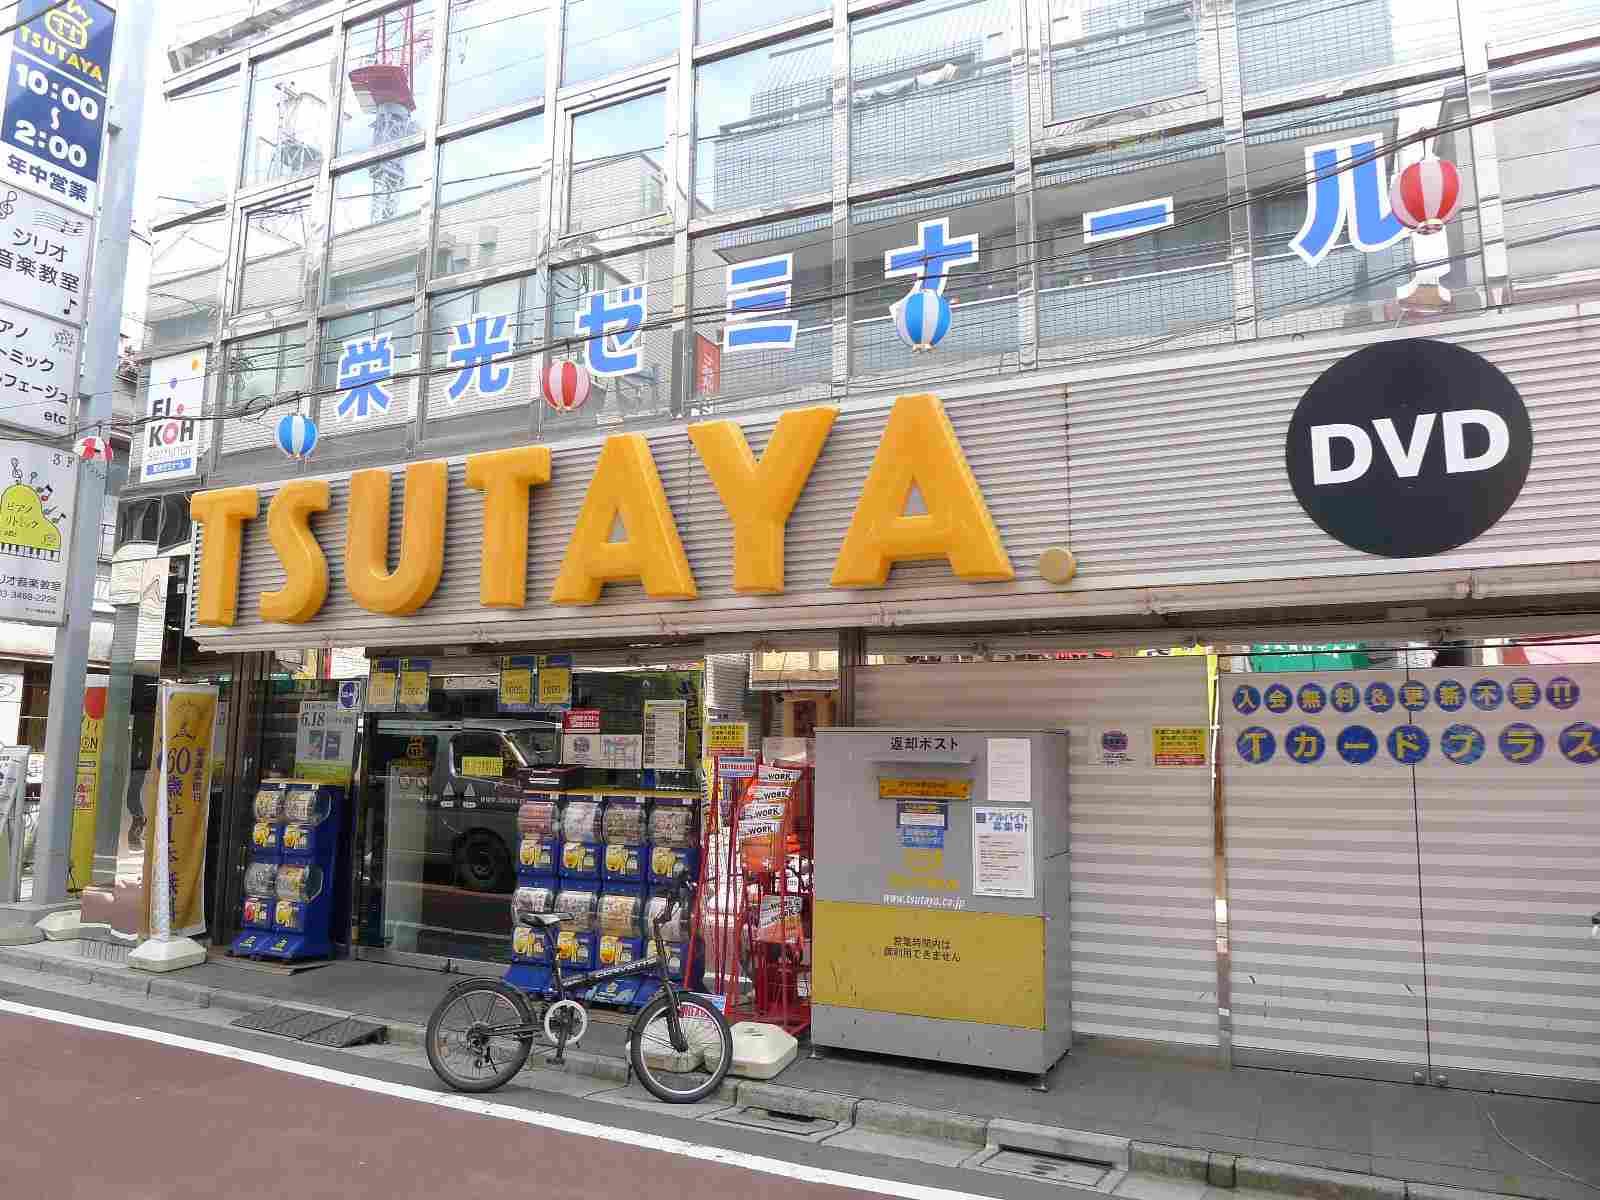 ショッピング施設:TSUTAYA 笹塚店 【9:00~26:00】 286m